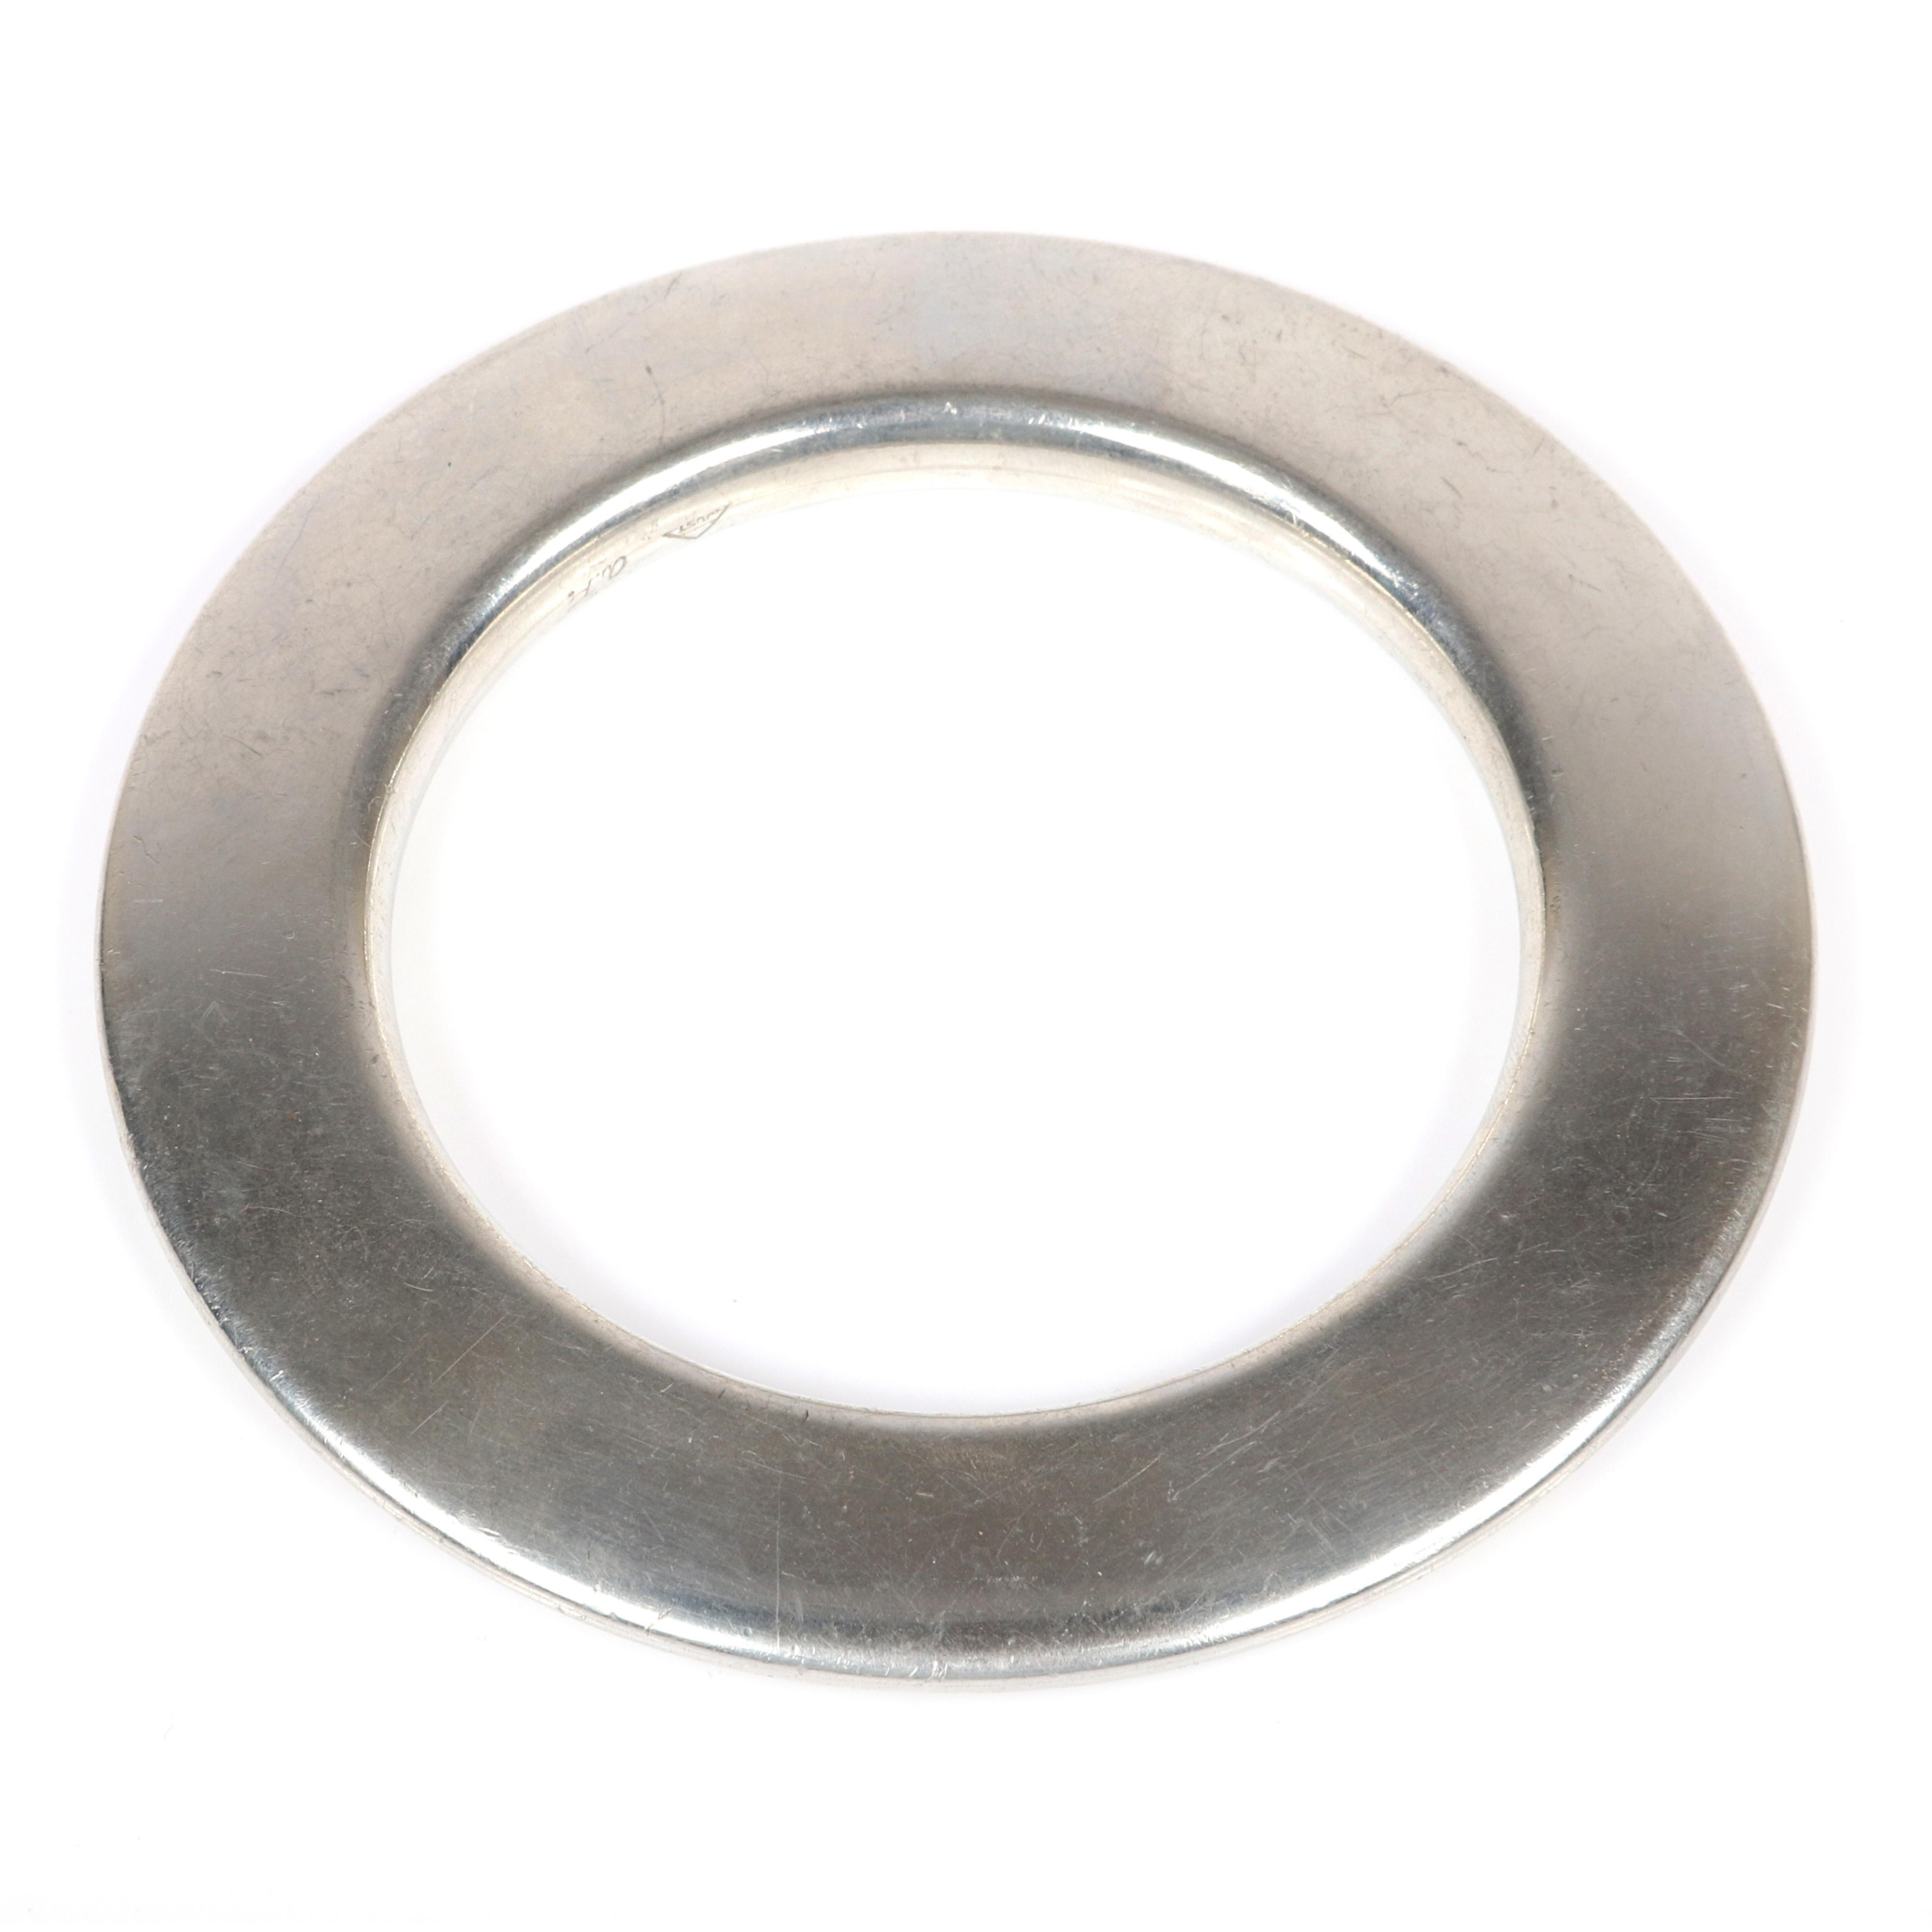 """Just Andersen Denmark Modernist solid sterling silver Danish modern bangle bracelet. 2 1/2""""inner diam, 3/4""""D"""